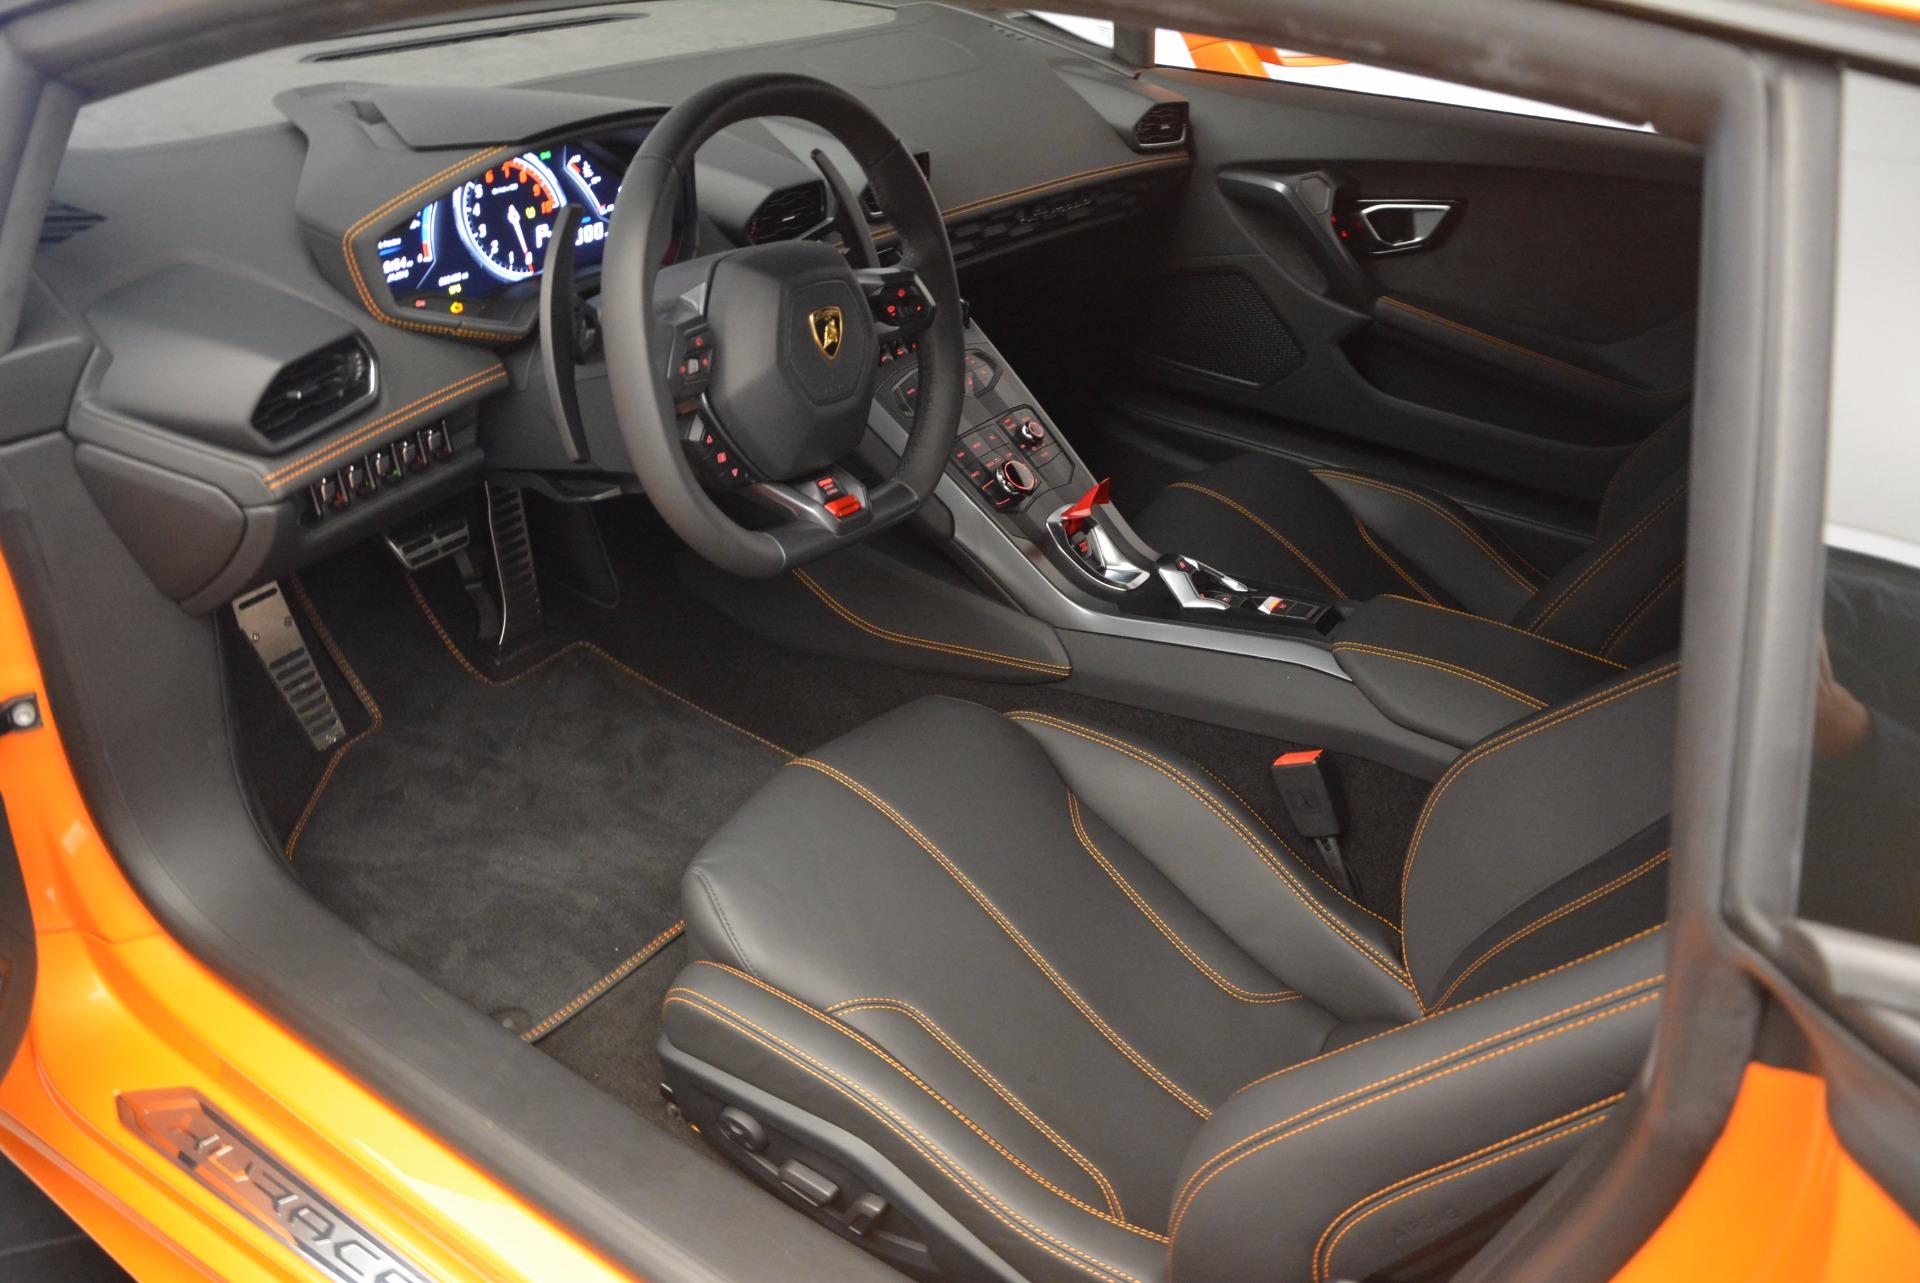 Used 2015 Lamborghini Huracan LP 610-4 For Sale In Westport, CT 621_p13